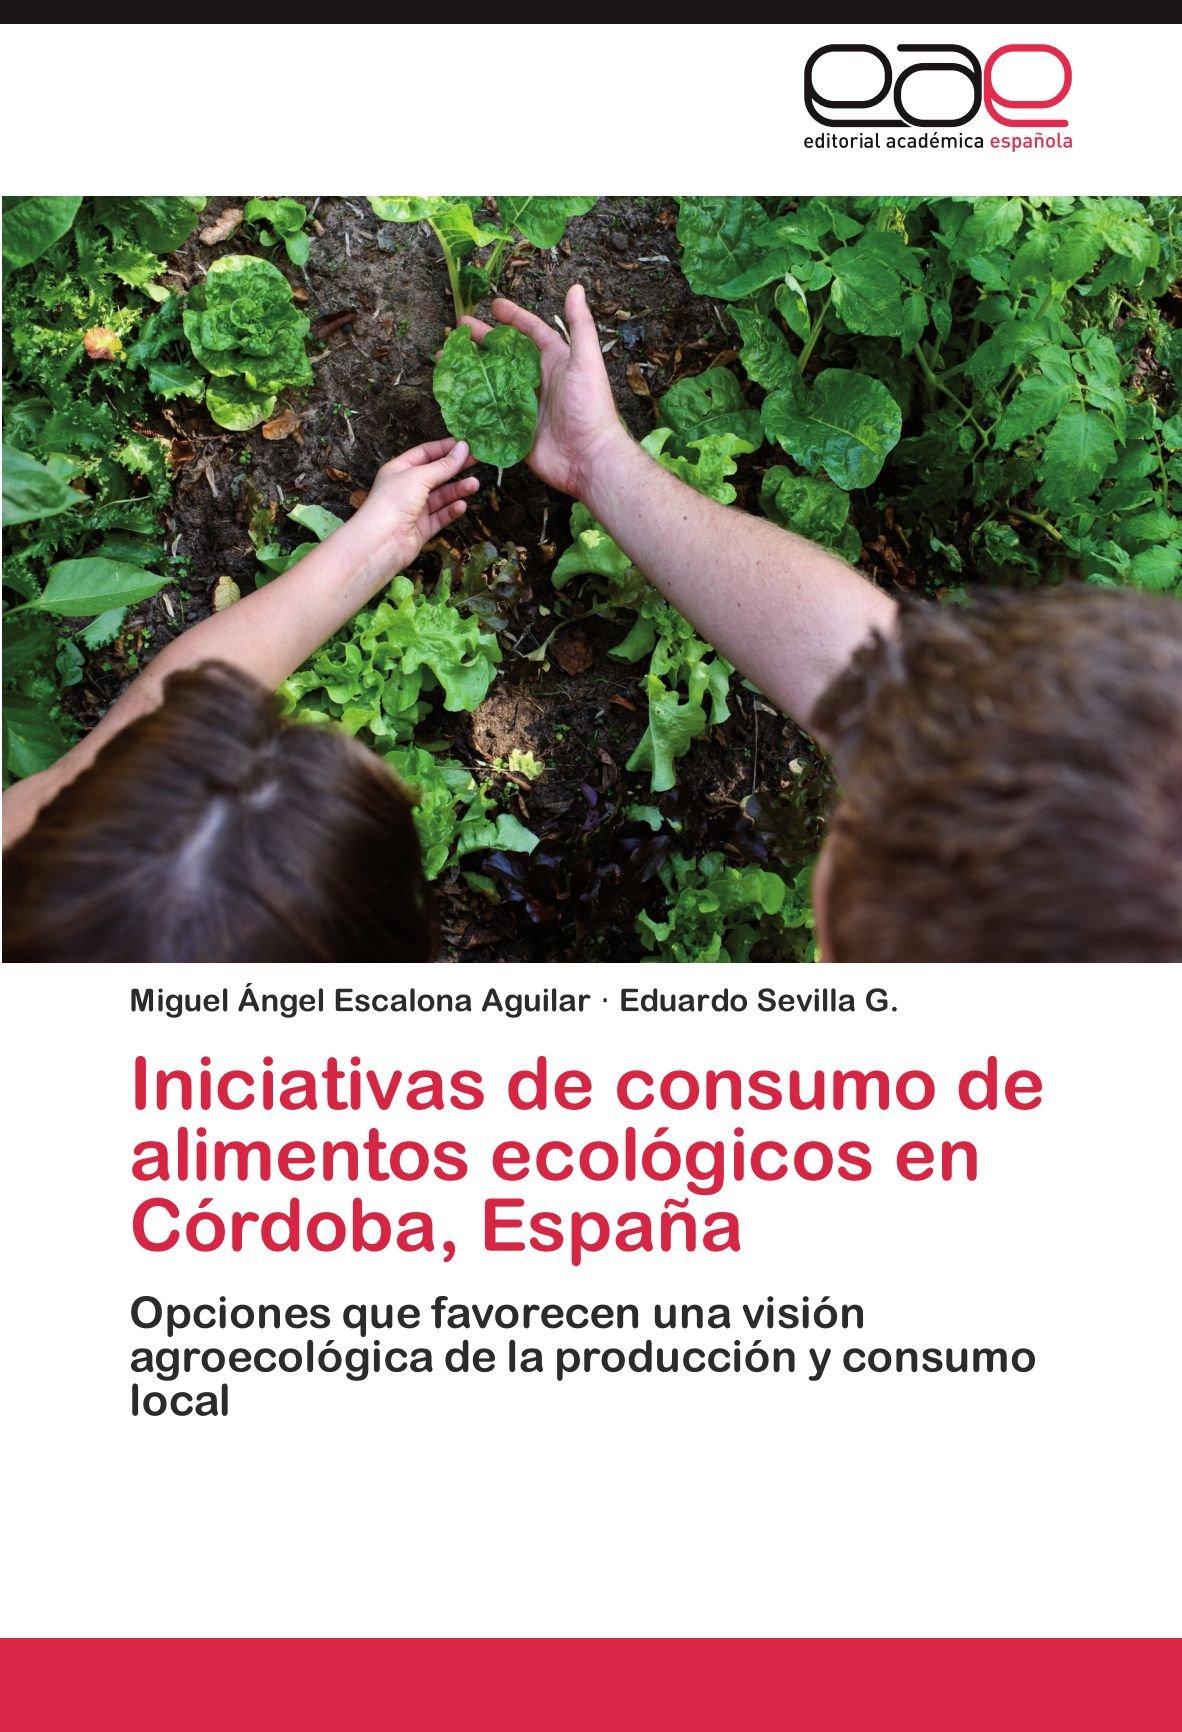 Iniciativas de consumo de alimentos ecológicos en Córdoba, España: Amazon.es: Escalona Aguilar Miguel Ángel, Sevilla G. Eduardo: Libros